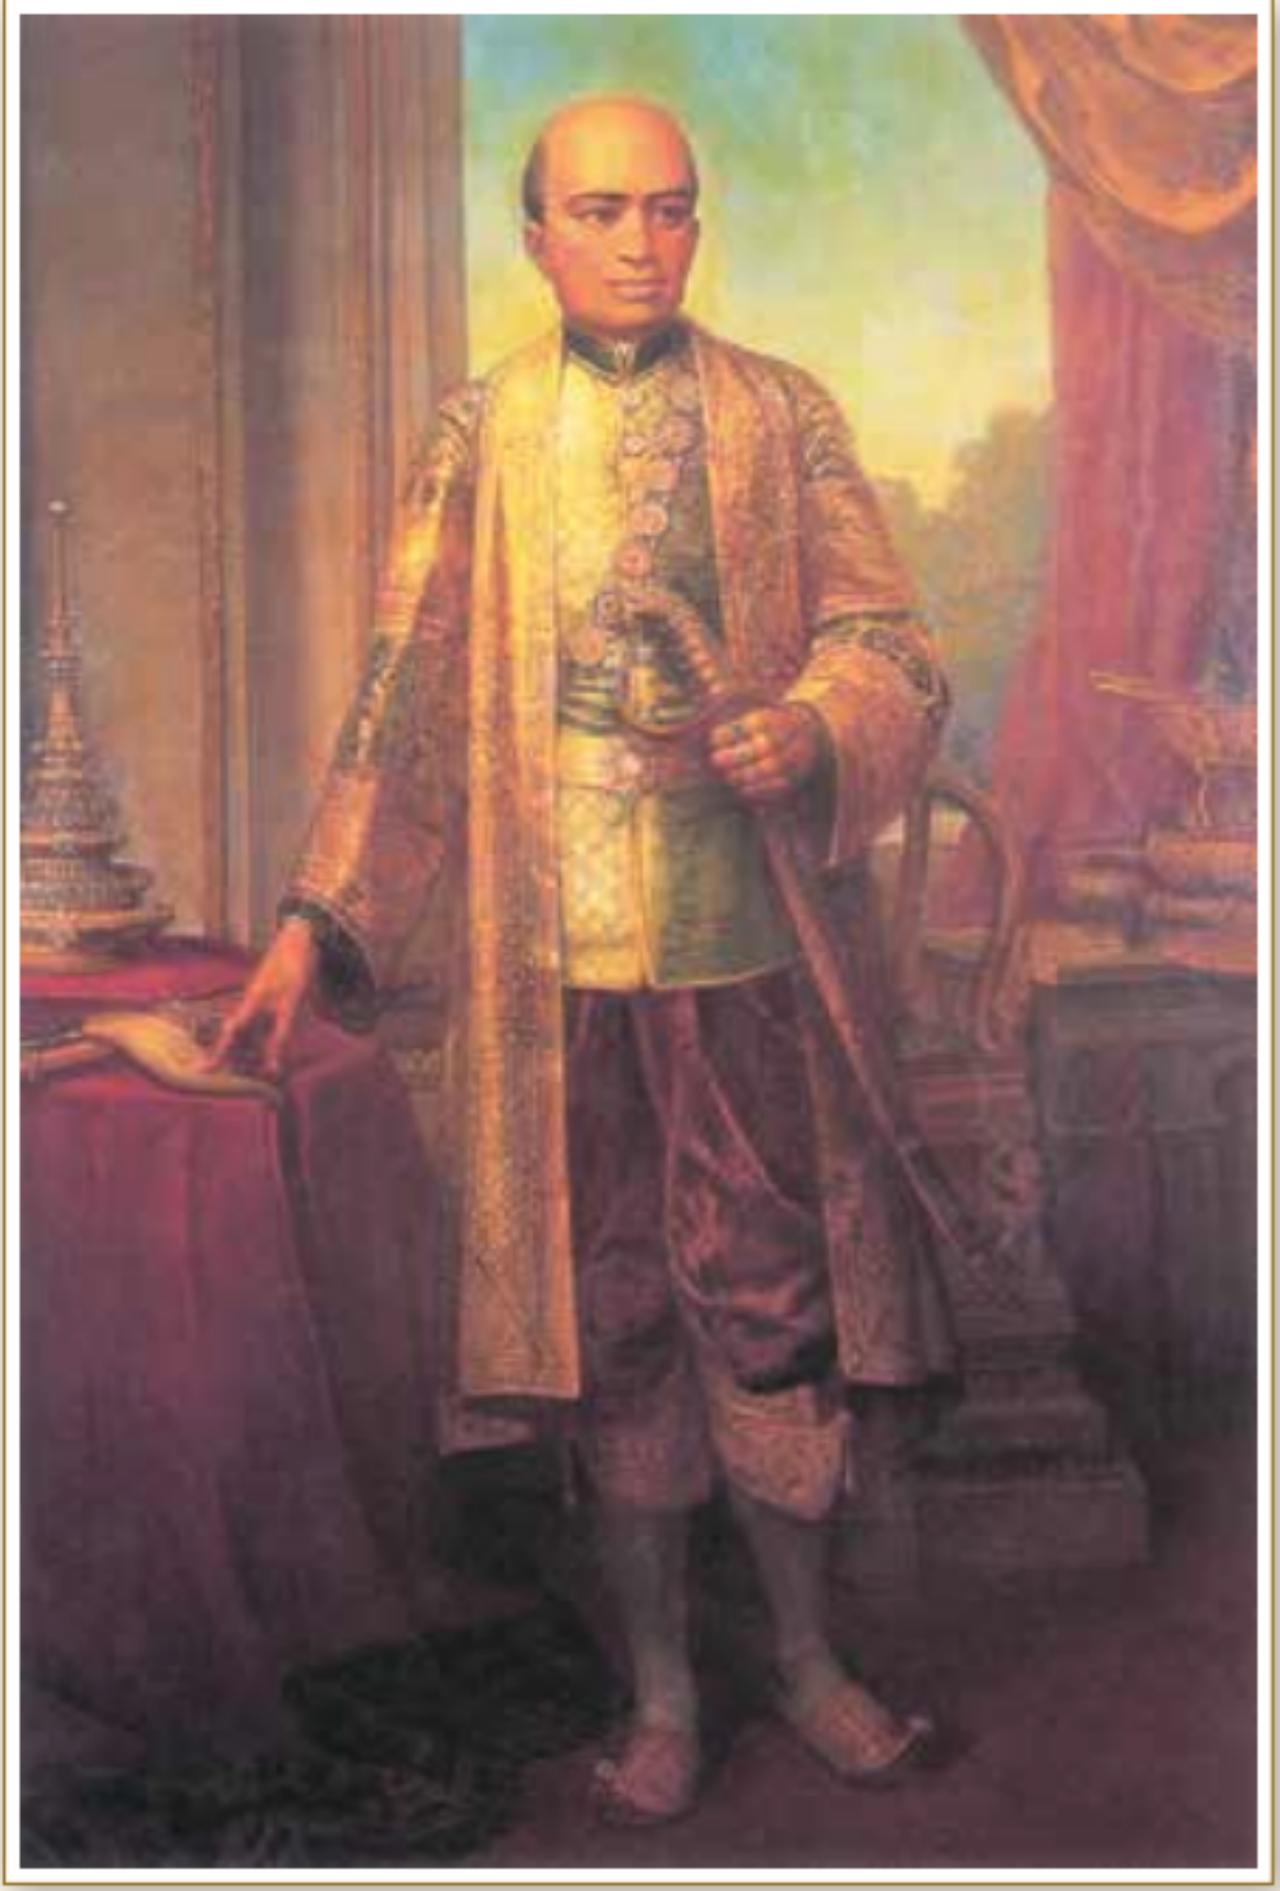 รัชกาลที่ 2พระบาทสมเด็จพระพุทธเลิศหล้านภาลัย ทรงประกอบพระราชพิธีบรมราชาภิเษก ในวันที่ 17 กันยายน 2352